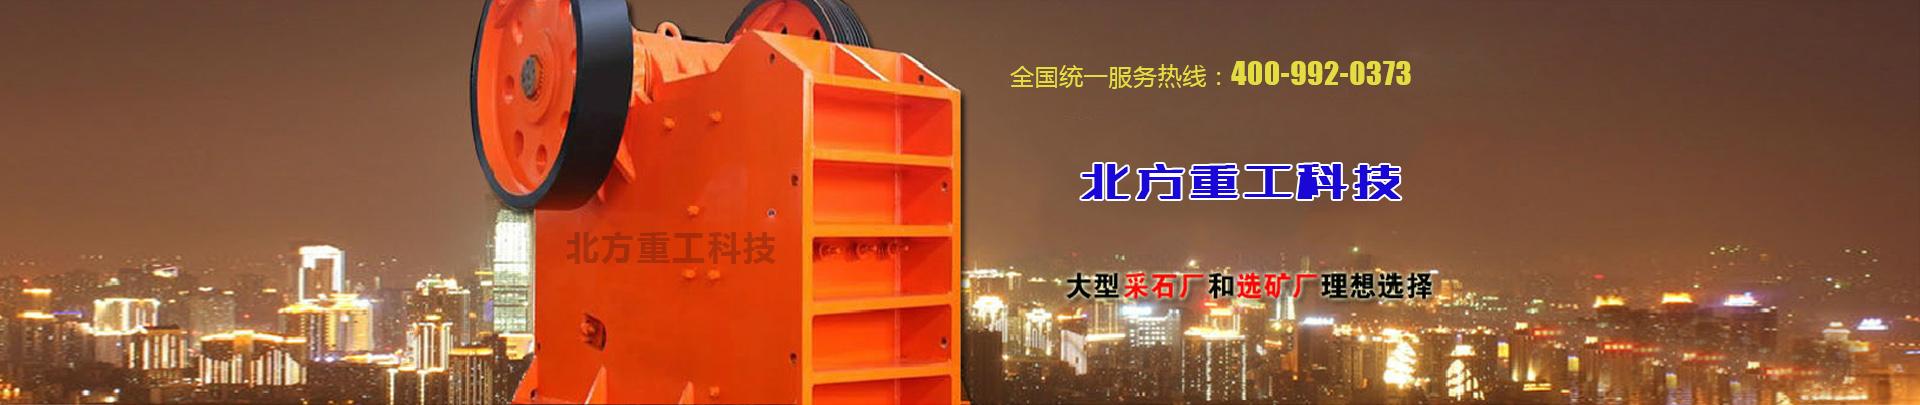 河南北方重工科技有限公司